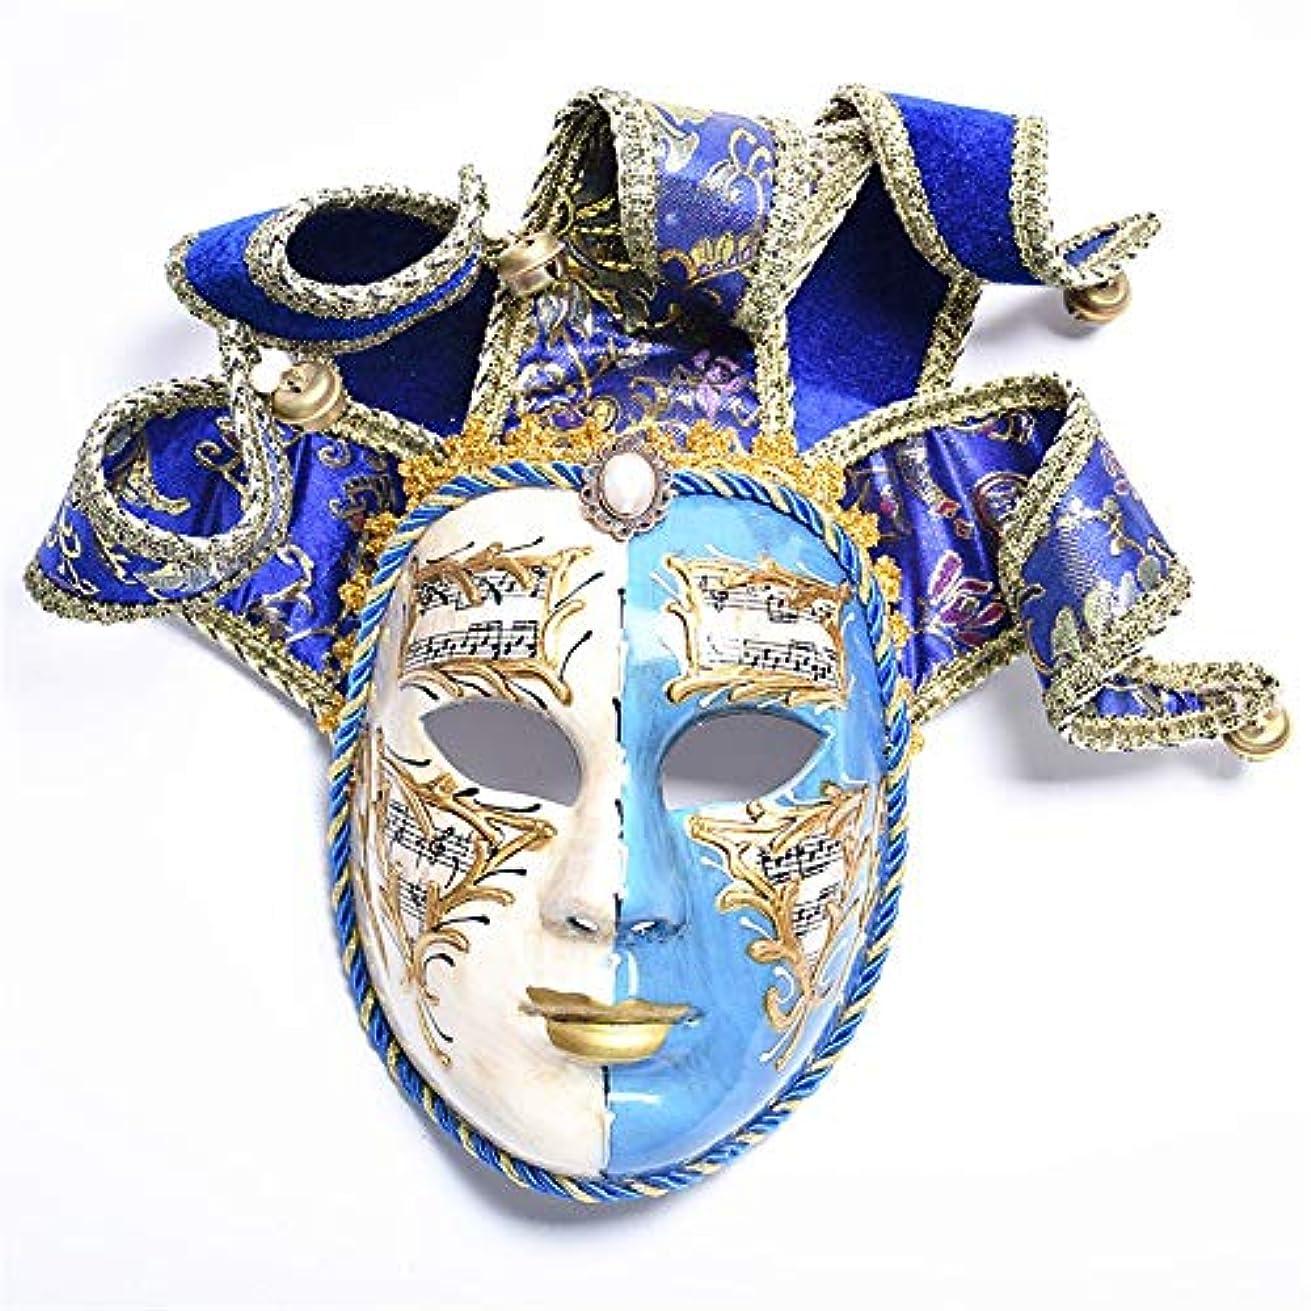 悲劇的な親敬意を表してダンスマスク 青と白の2色フルフェイスマスクパーティーマスカレードマスクハロウィーンカーニバル祭コスプレナイトクラブパーティーマスク ホリデーパーティー用品 (色 : 青, サイズ : 33x31cm)